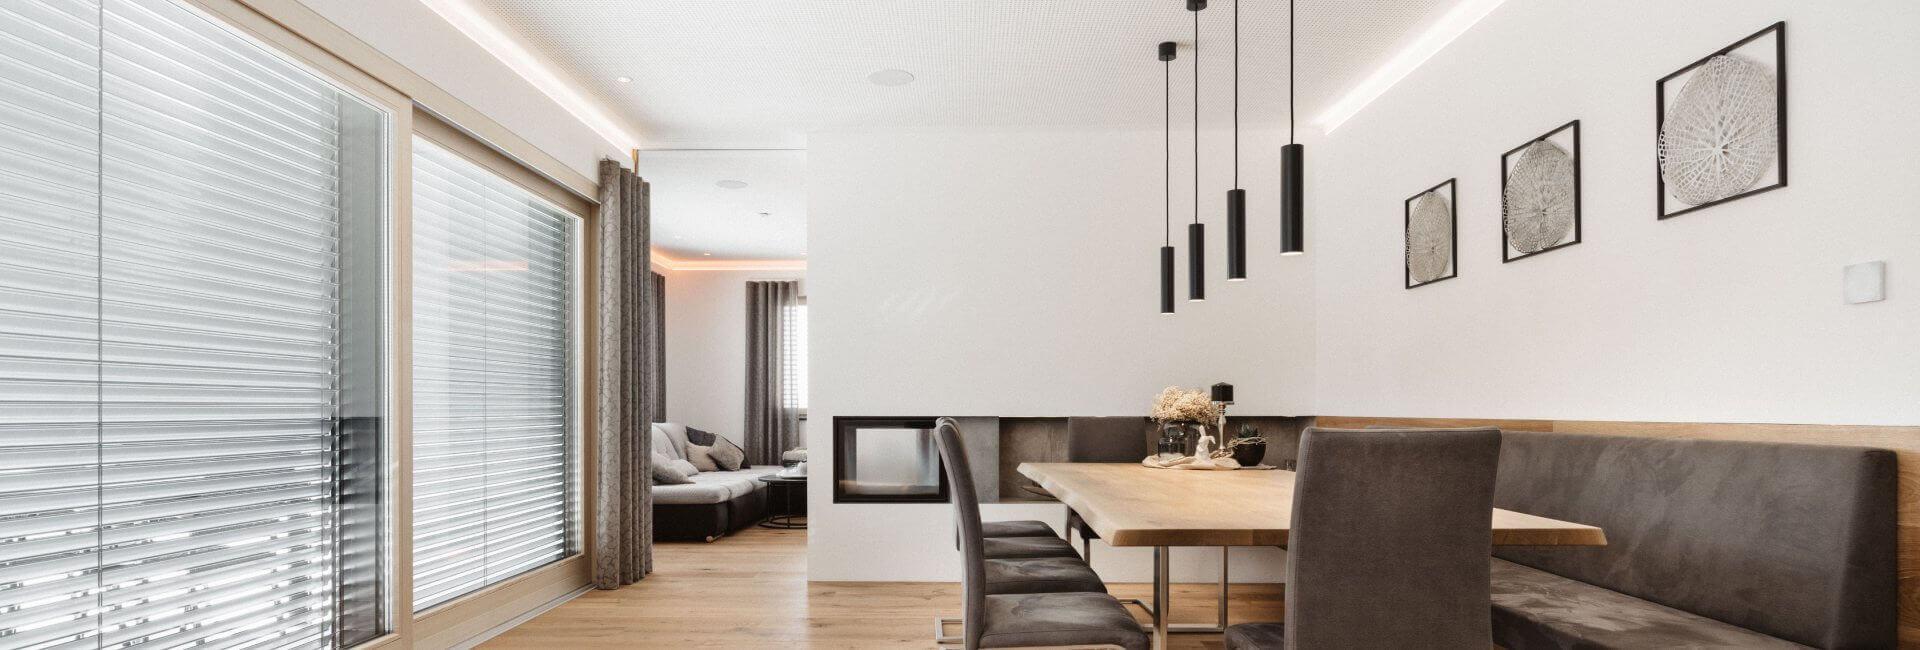 Prix domotique Smart Home